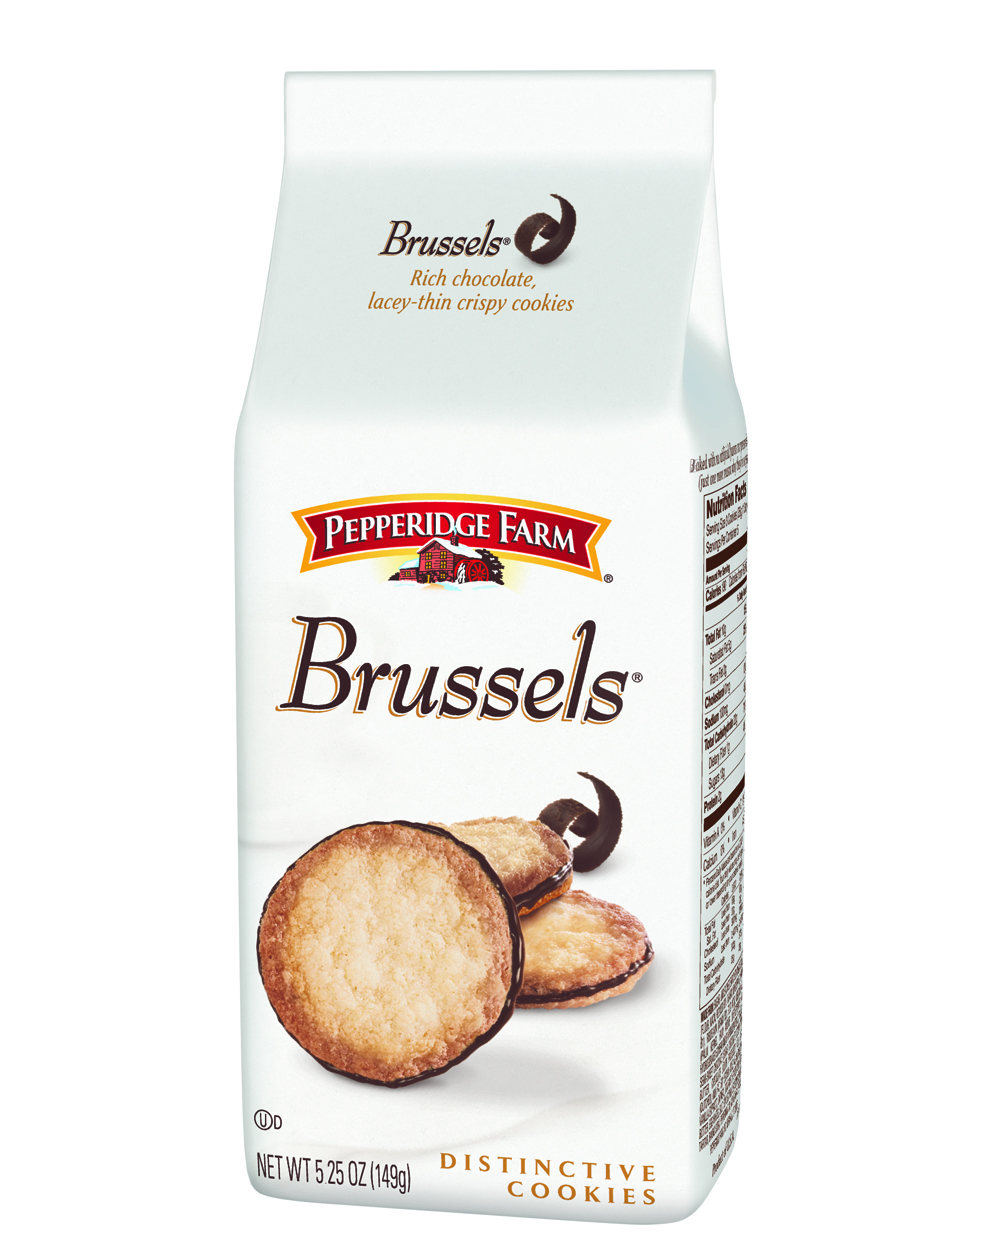 Pepperidge Farm® Brussels Cookies